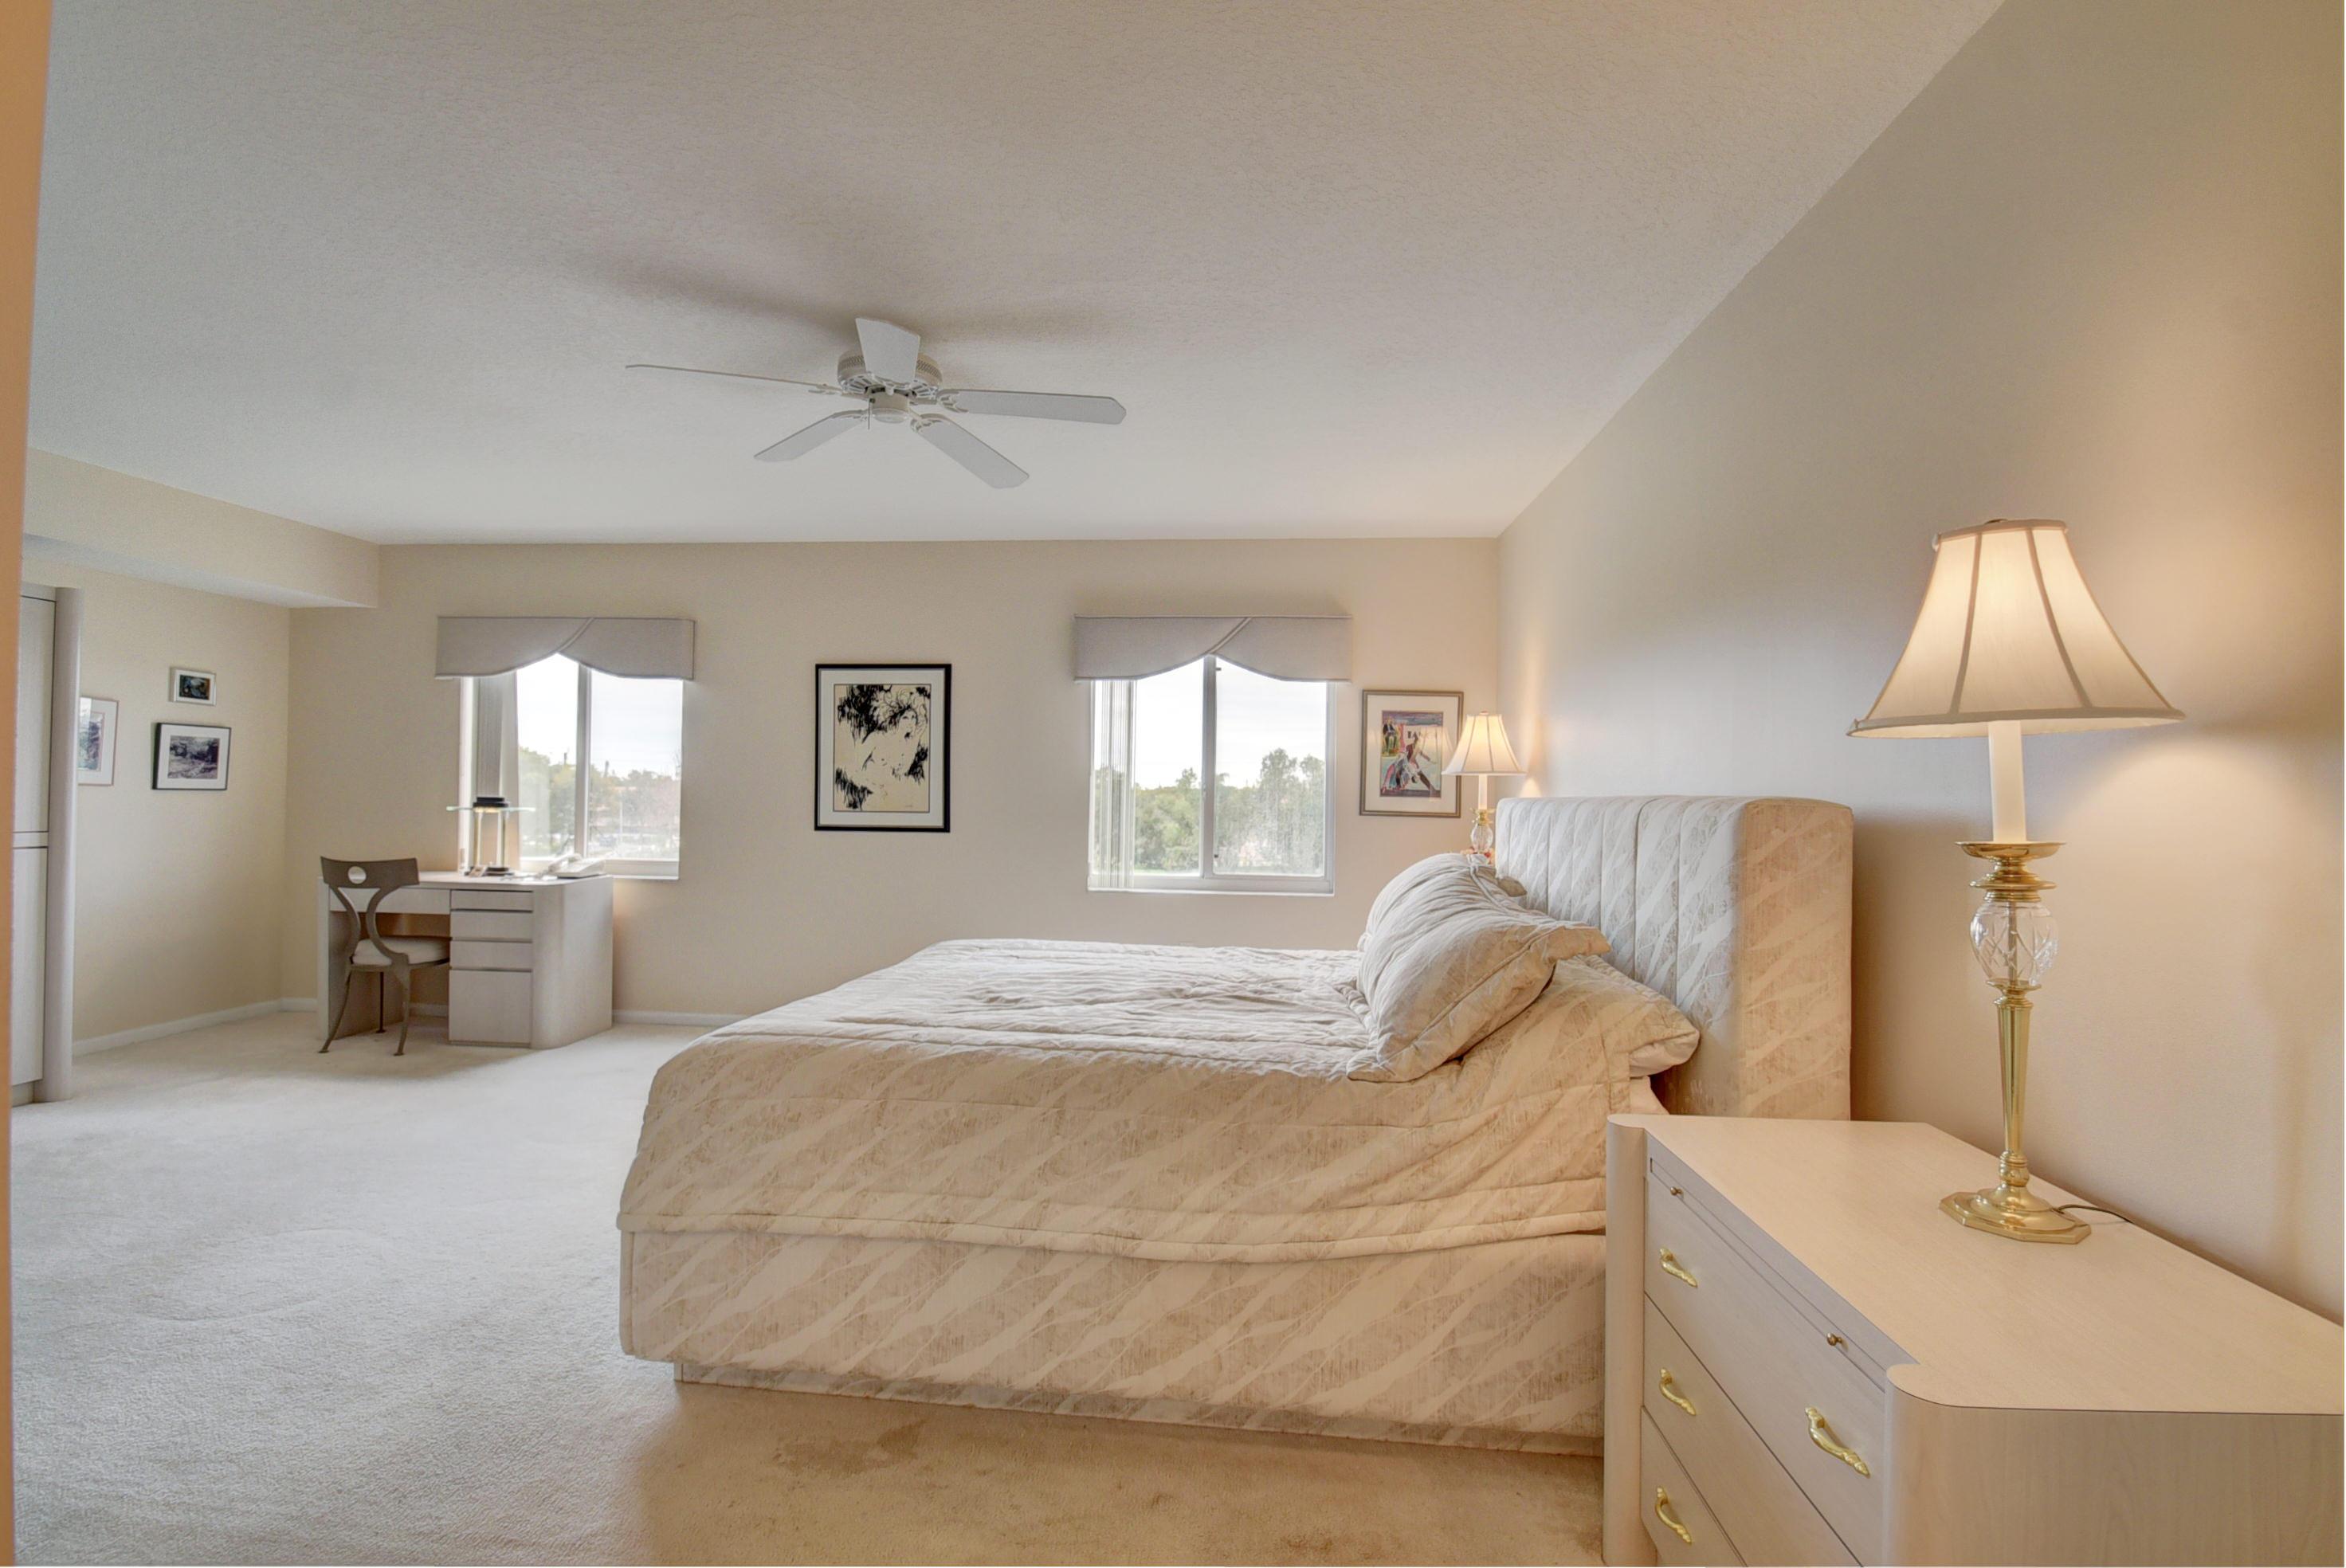 5874 Crystal Shores Drive 403 Boynton Beach, FL 33437 photo 18